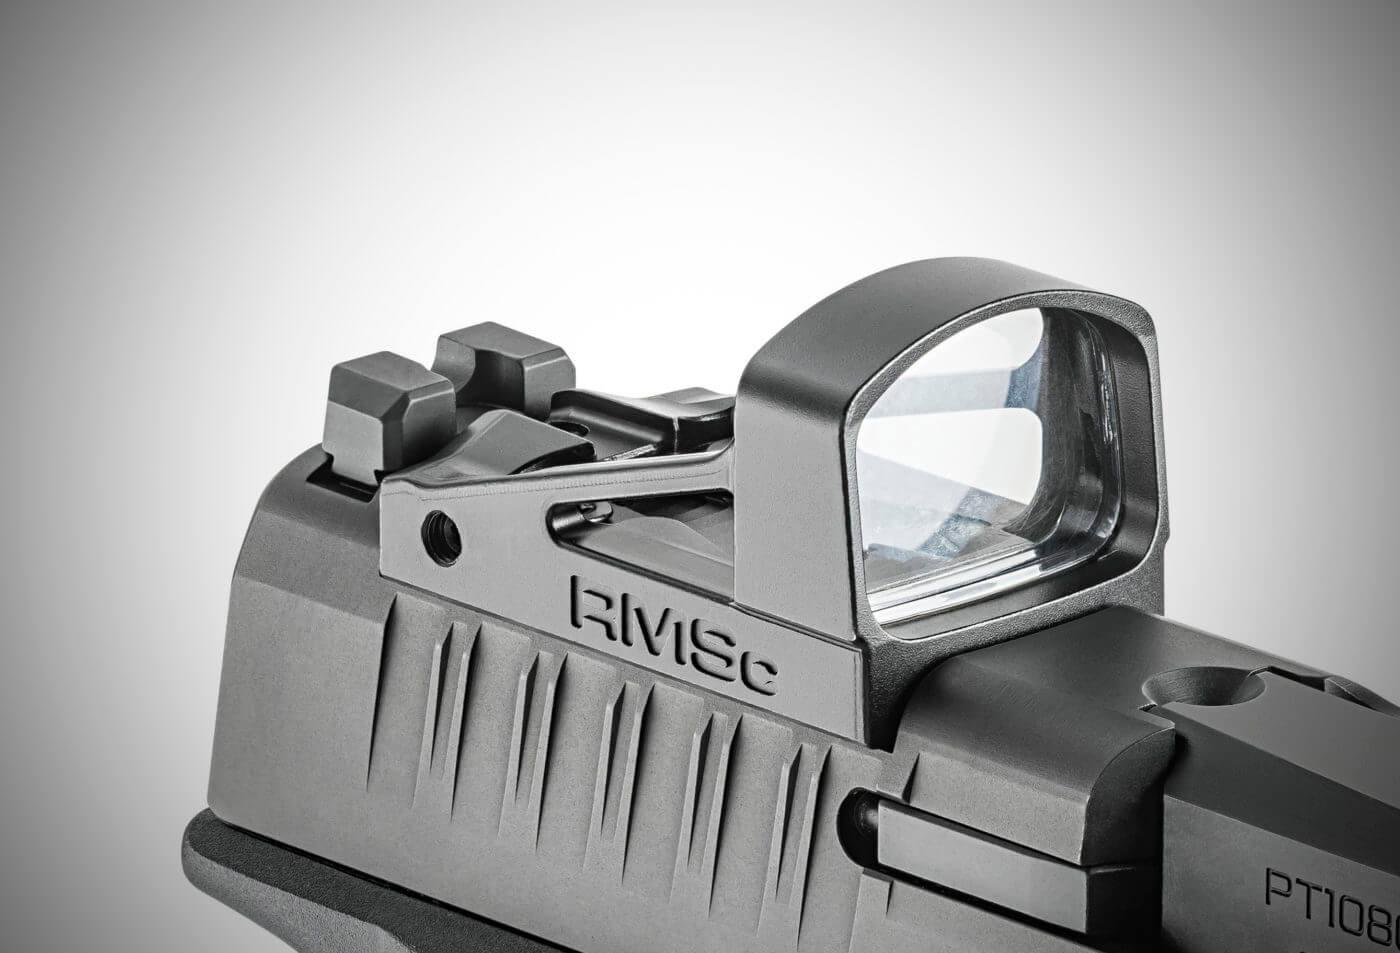 A Shield RMSc mounted on a Hellcat handgun